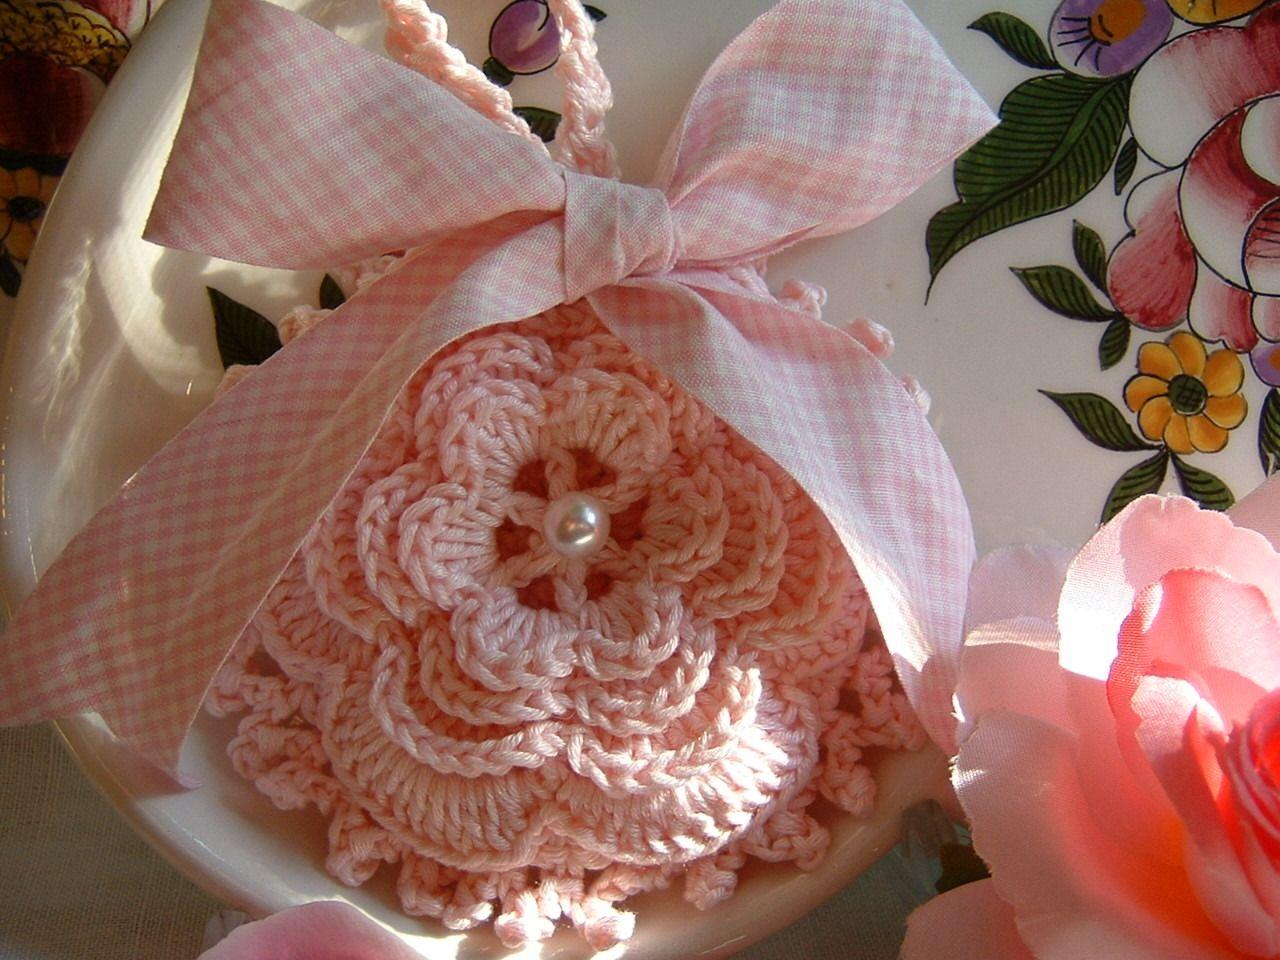 Sacchetto bomboniera all 39 uncinetto con una romantica rosa for Pizzi all uncinetto per asciugamani